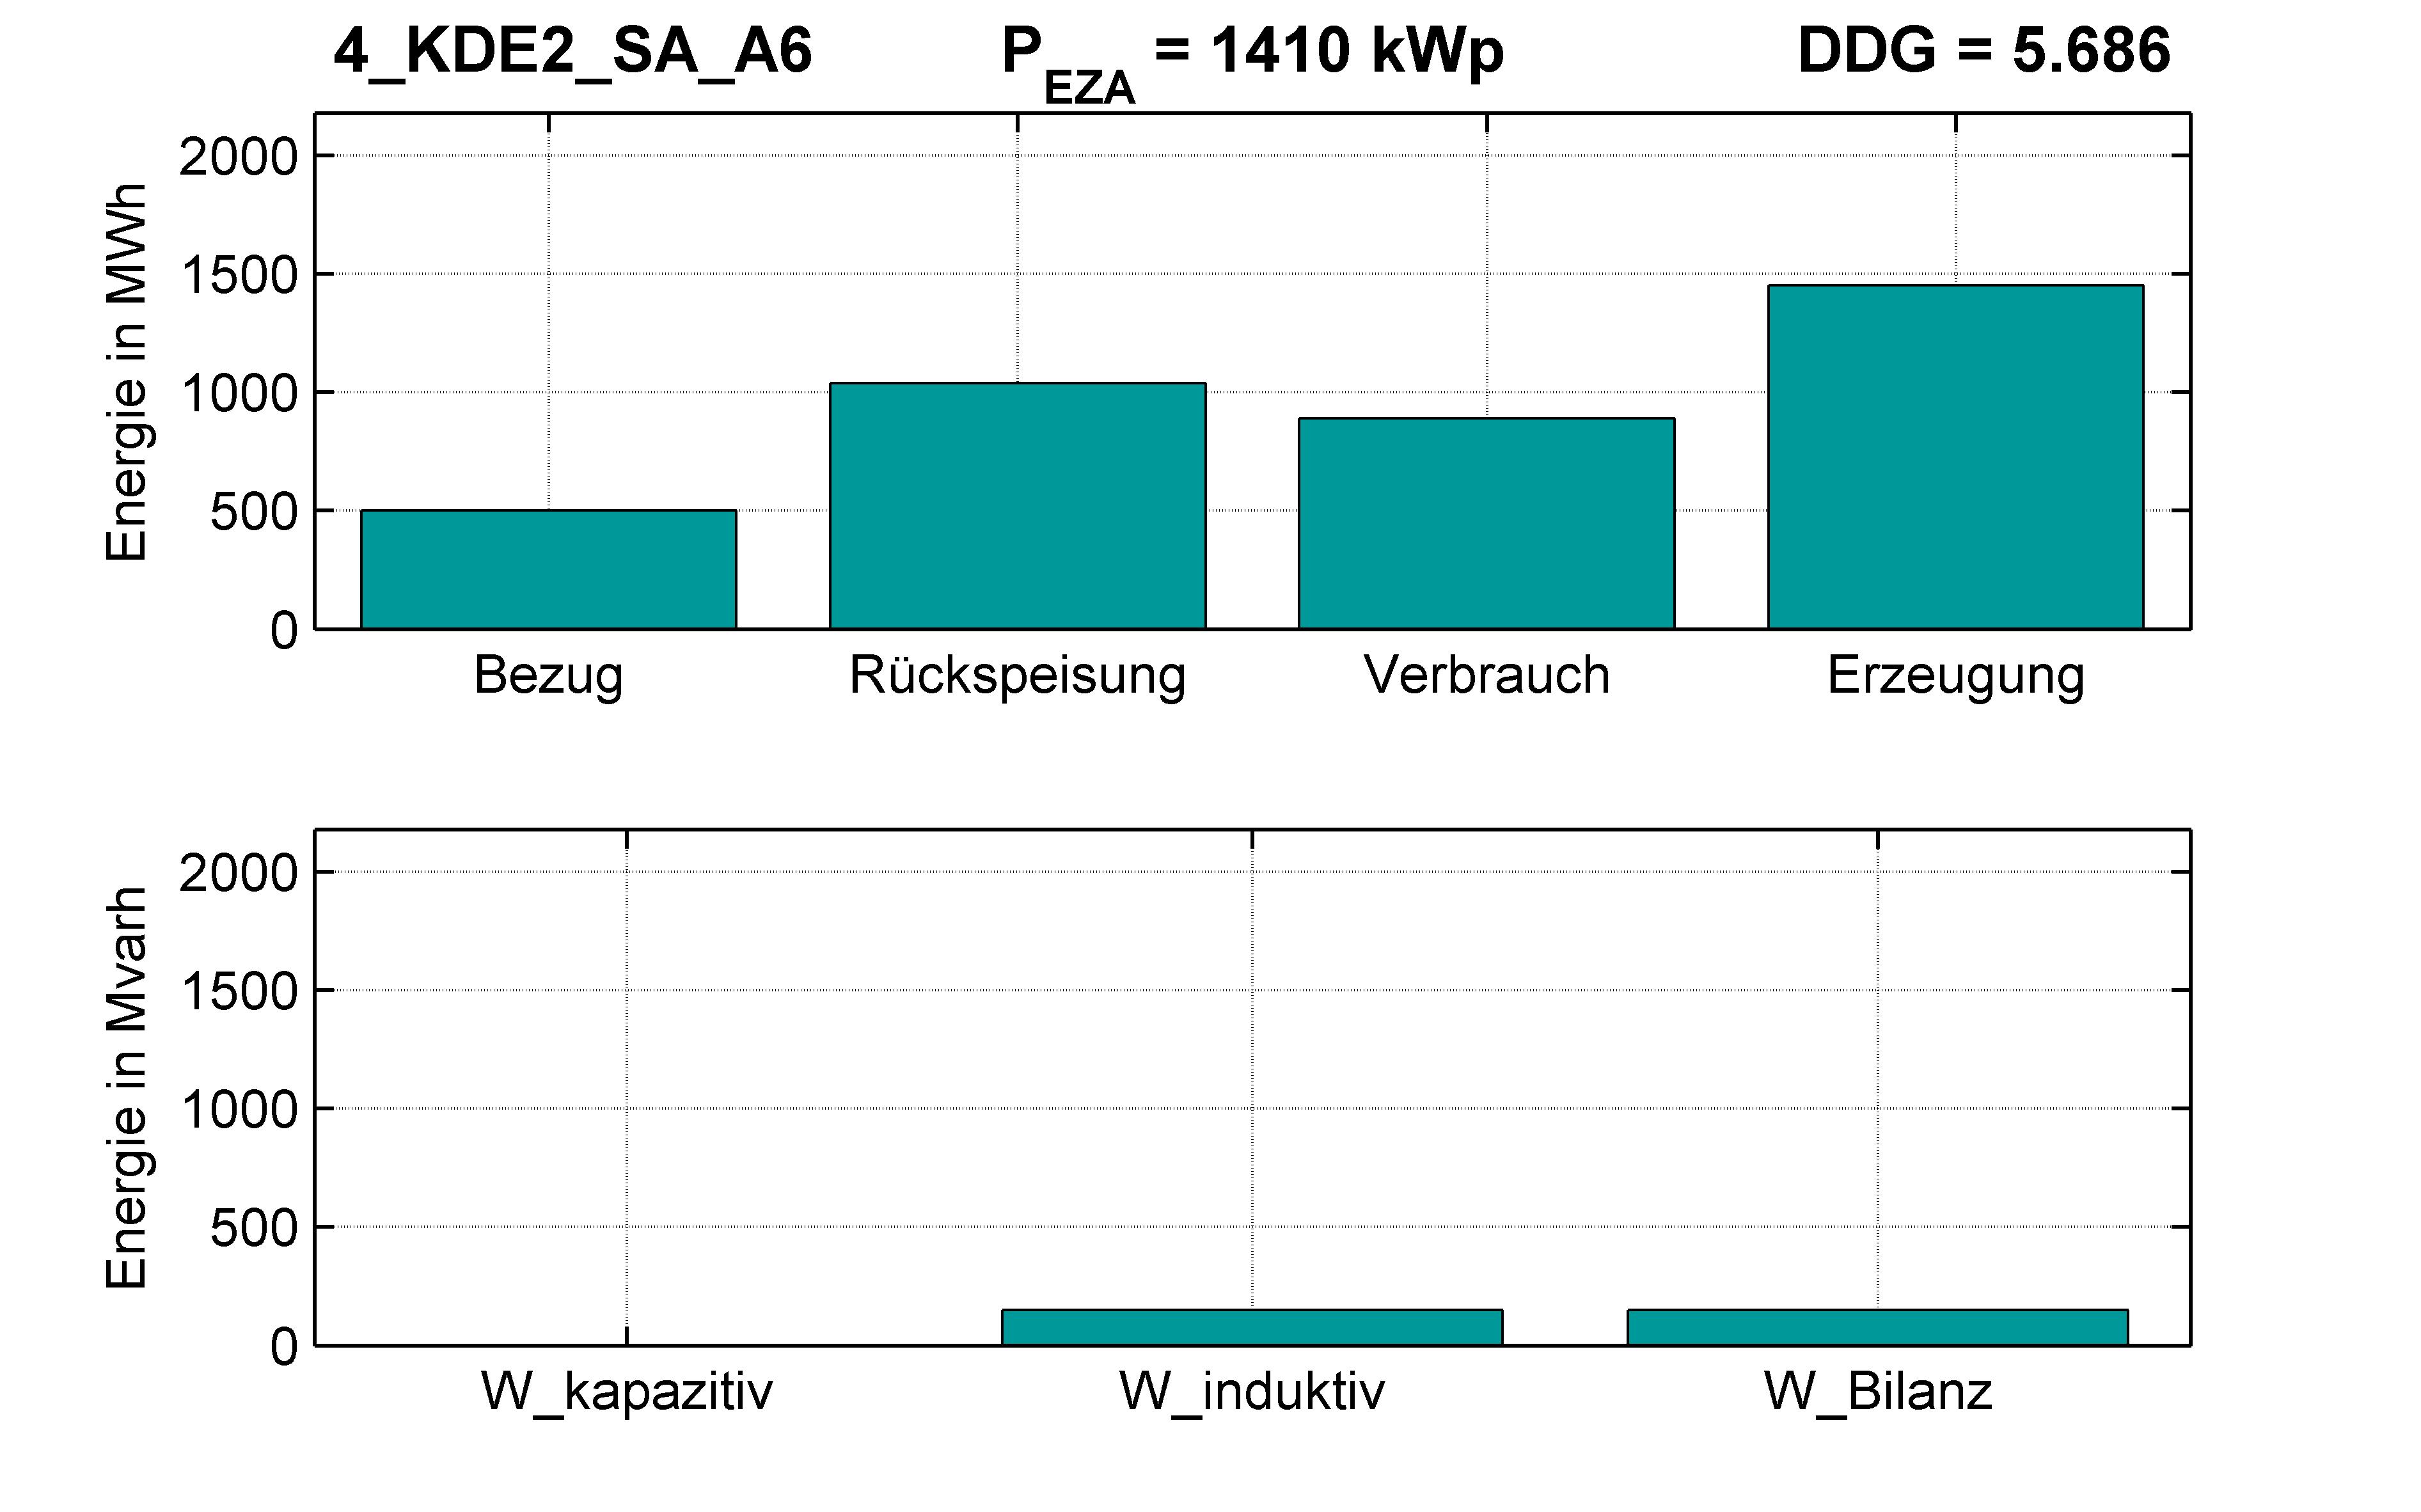 KDE2 | P-Kappung 55% (SA) A6 | PQ-Bilanz